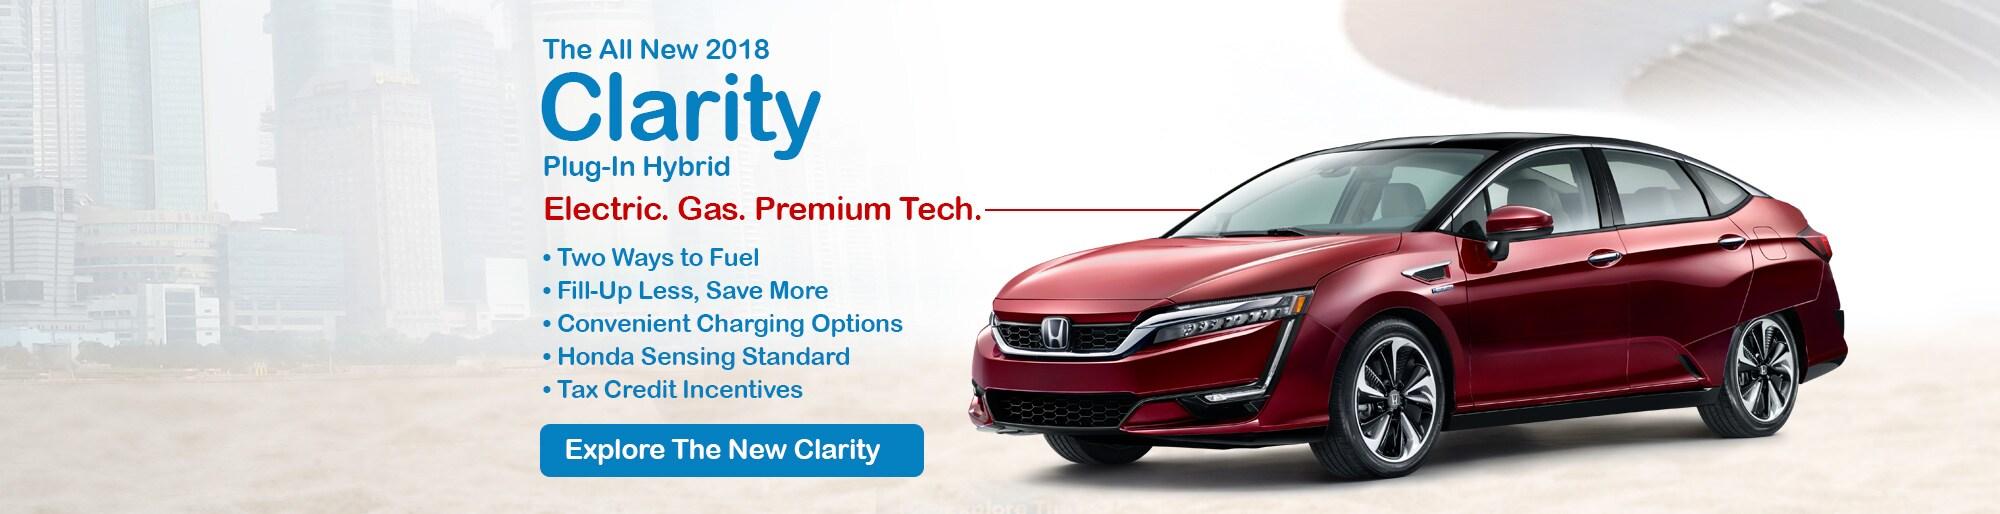 Honda Dealership Orange County >> Honda Dealer San Juan Capistrano CA | New Honda, Certified Used, & Pre-Owned Car Dealership ...